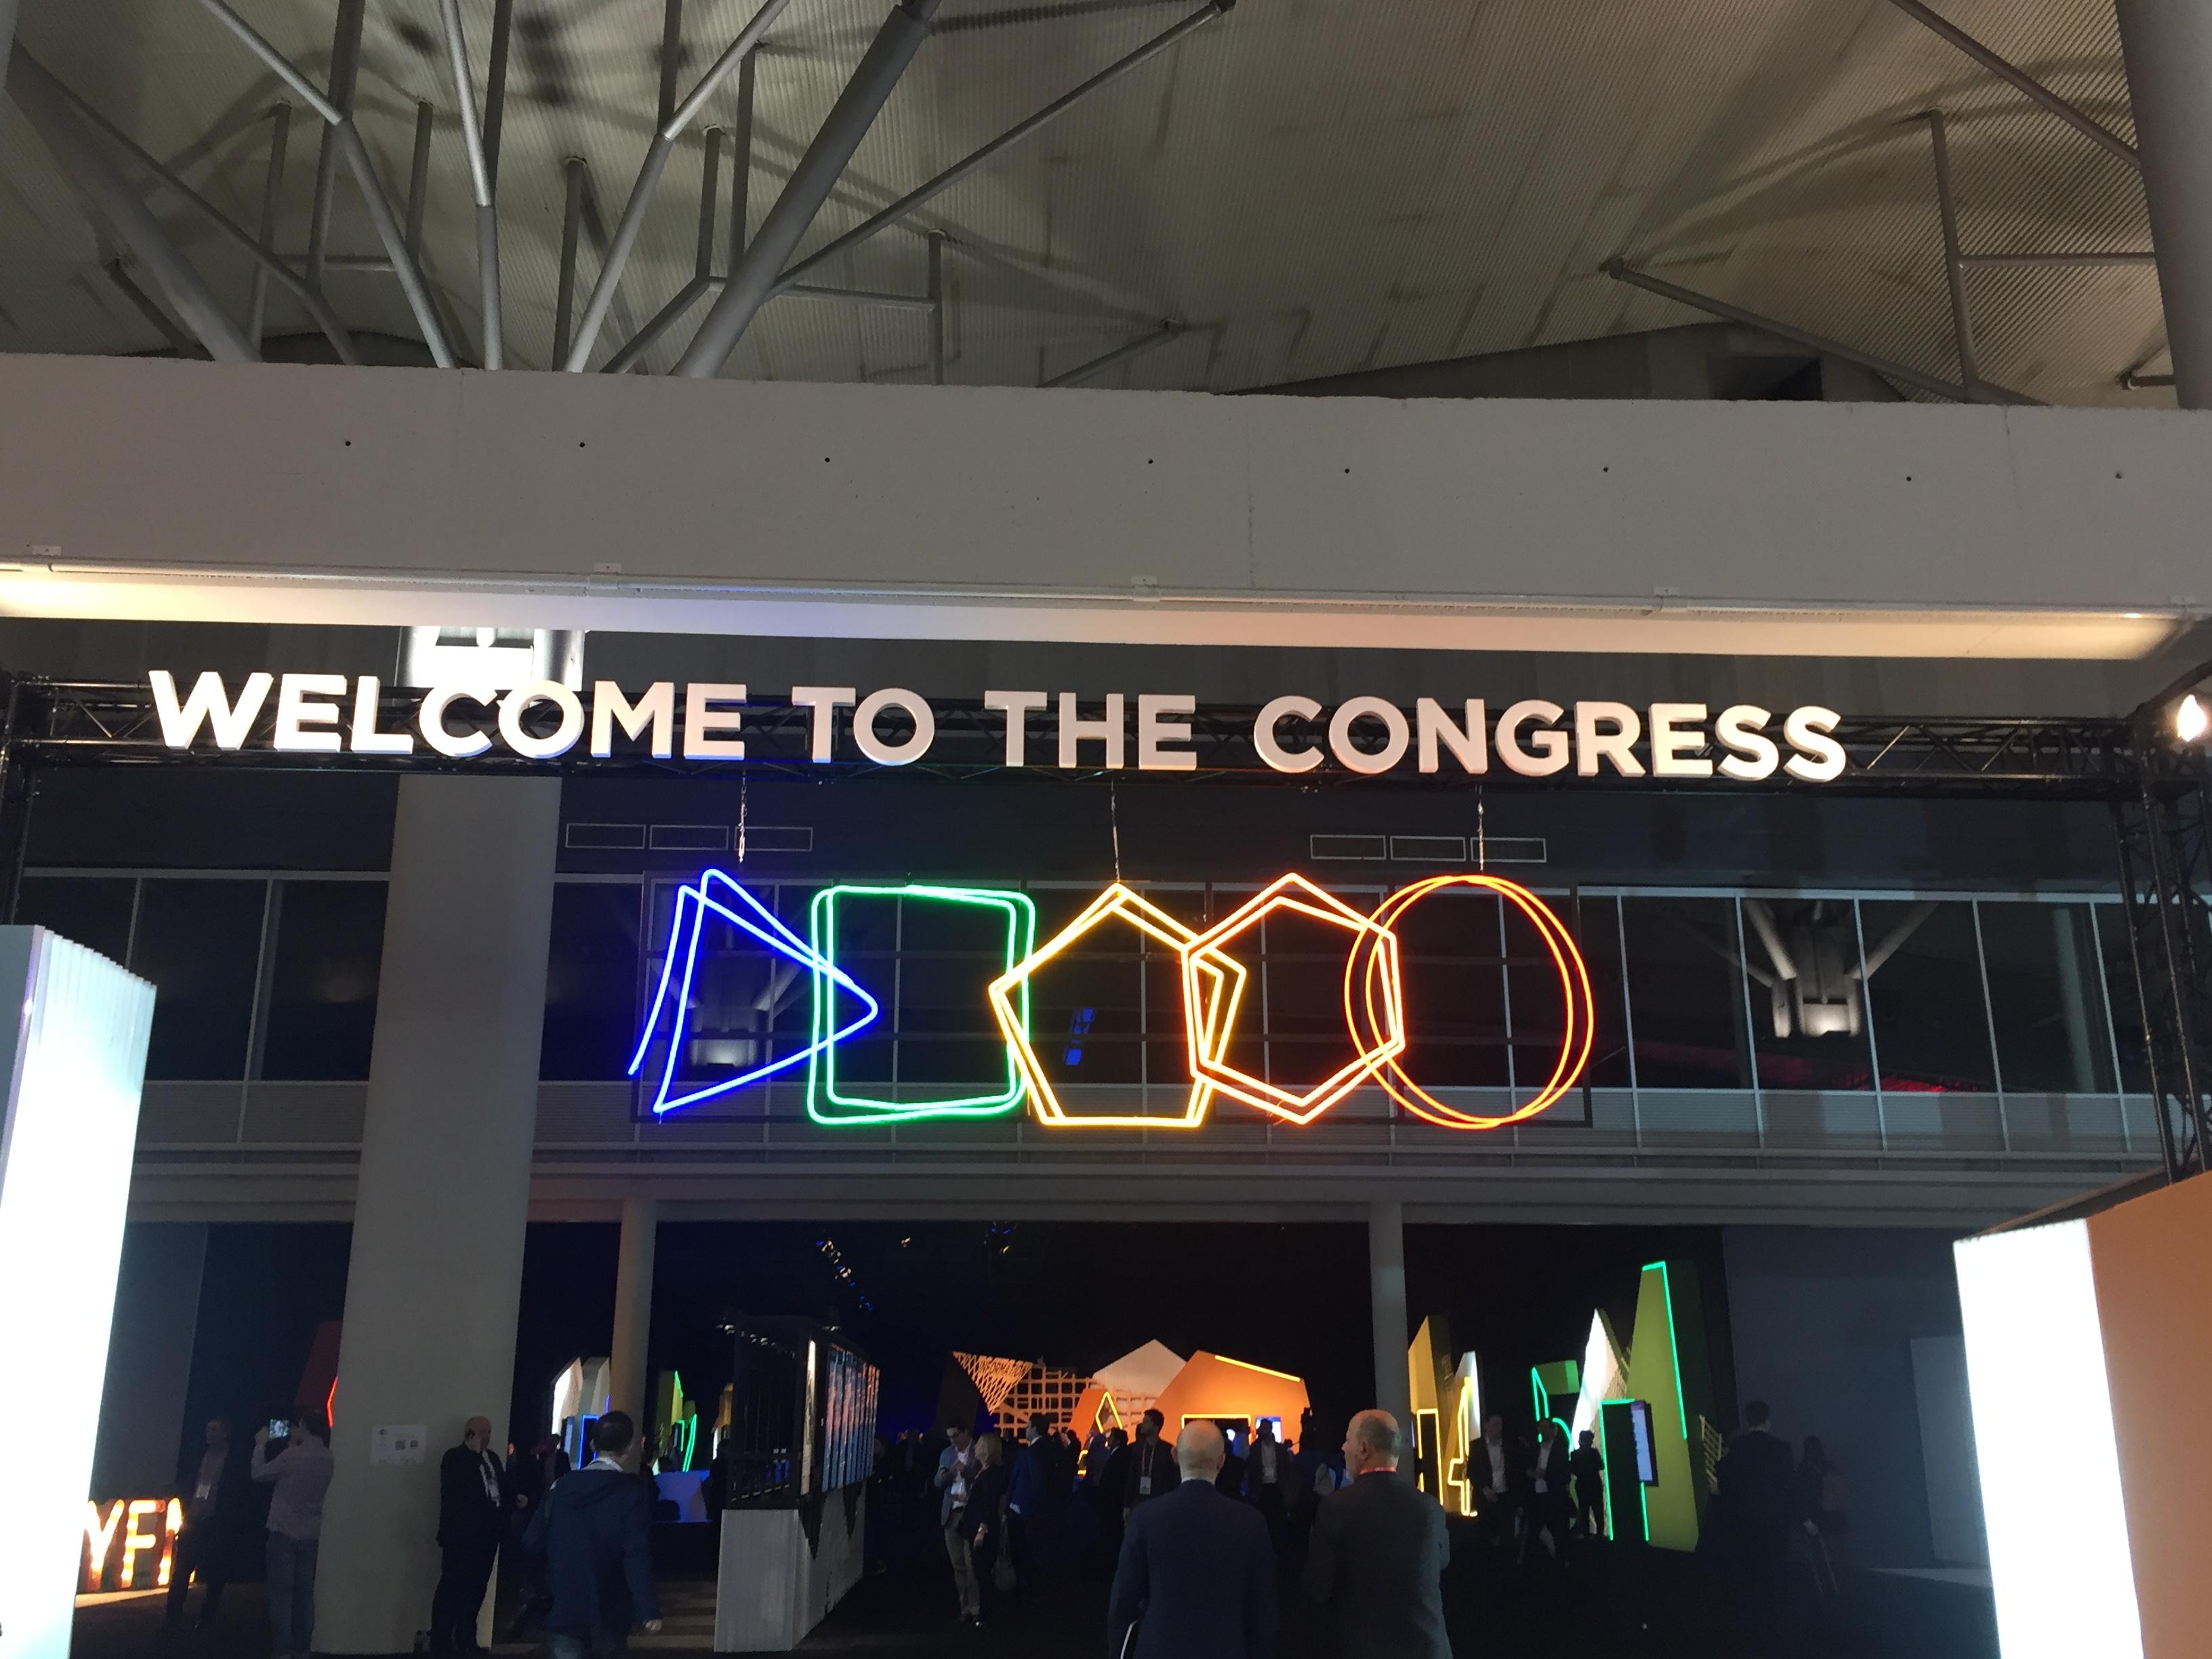 Movilidad-y-sostenibilidad-en-el-Smart-City-World-Congress-2017